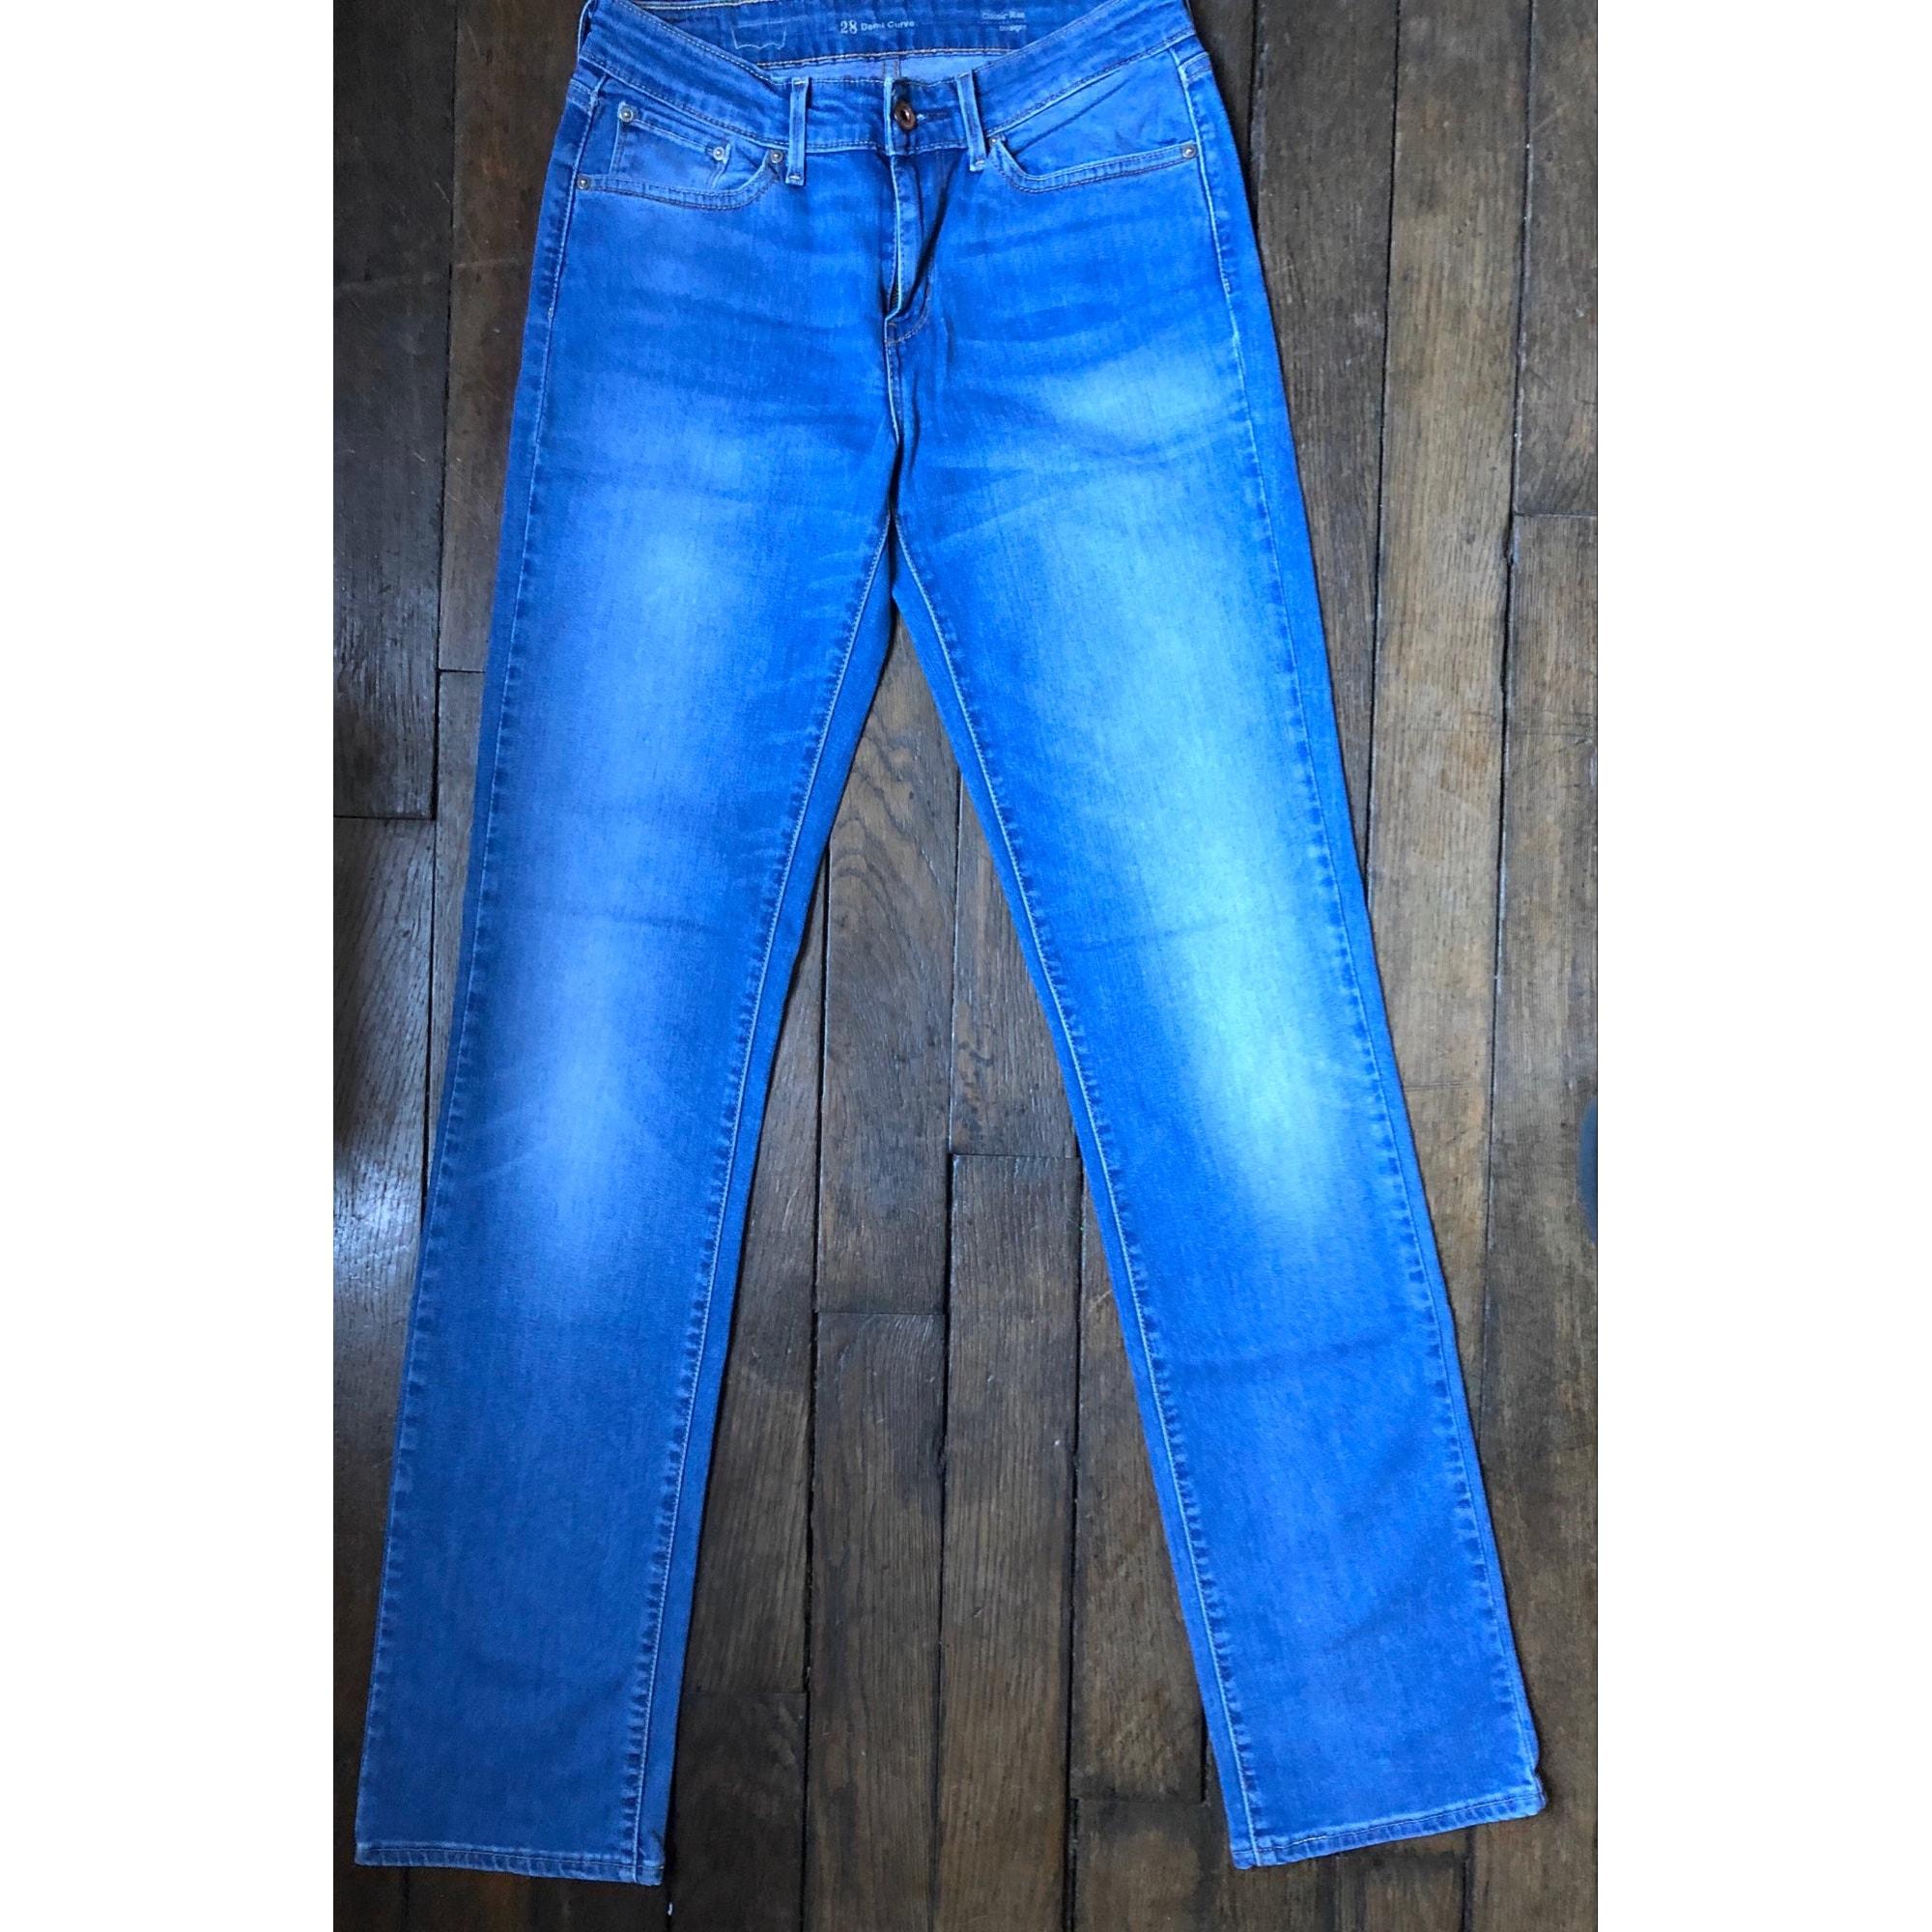 Jeans droit LEVI'S Bleu ciel